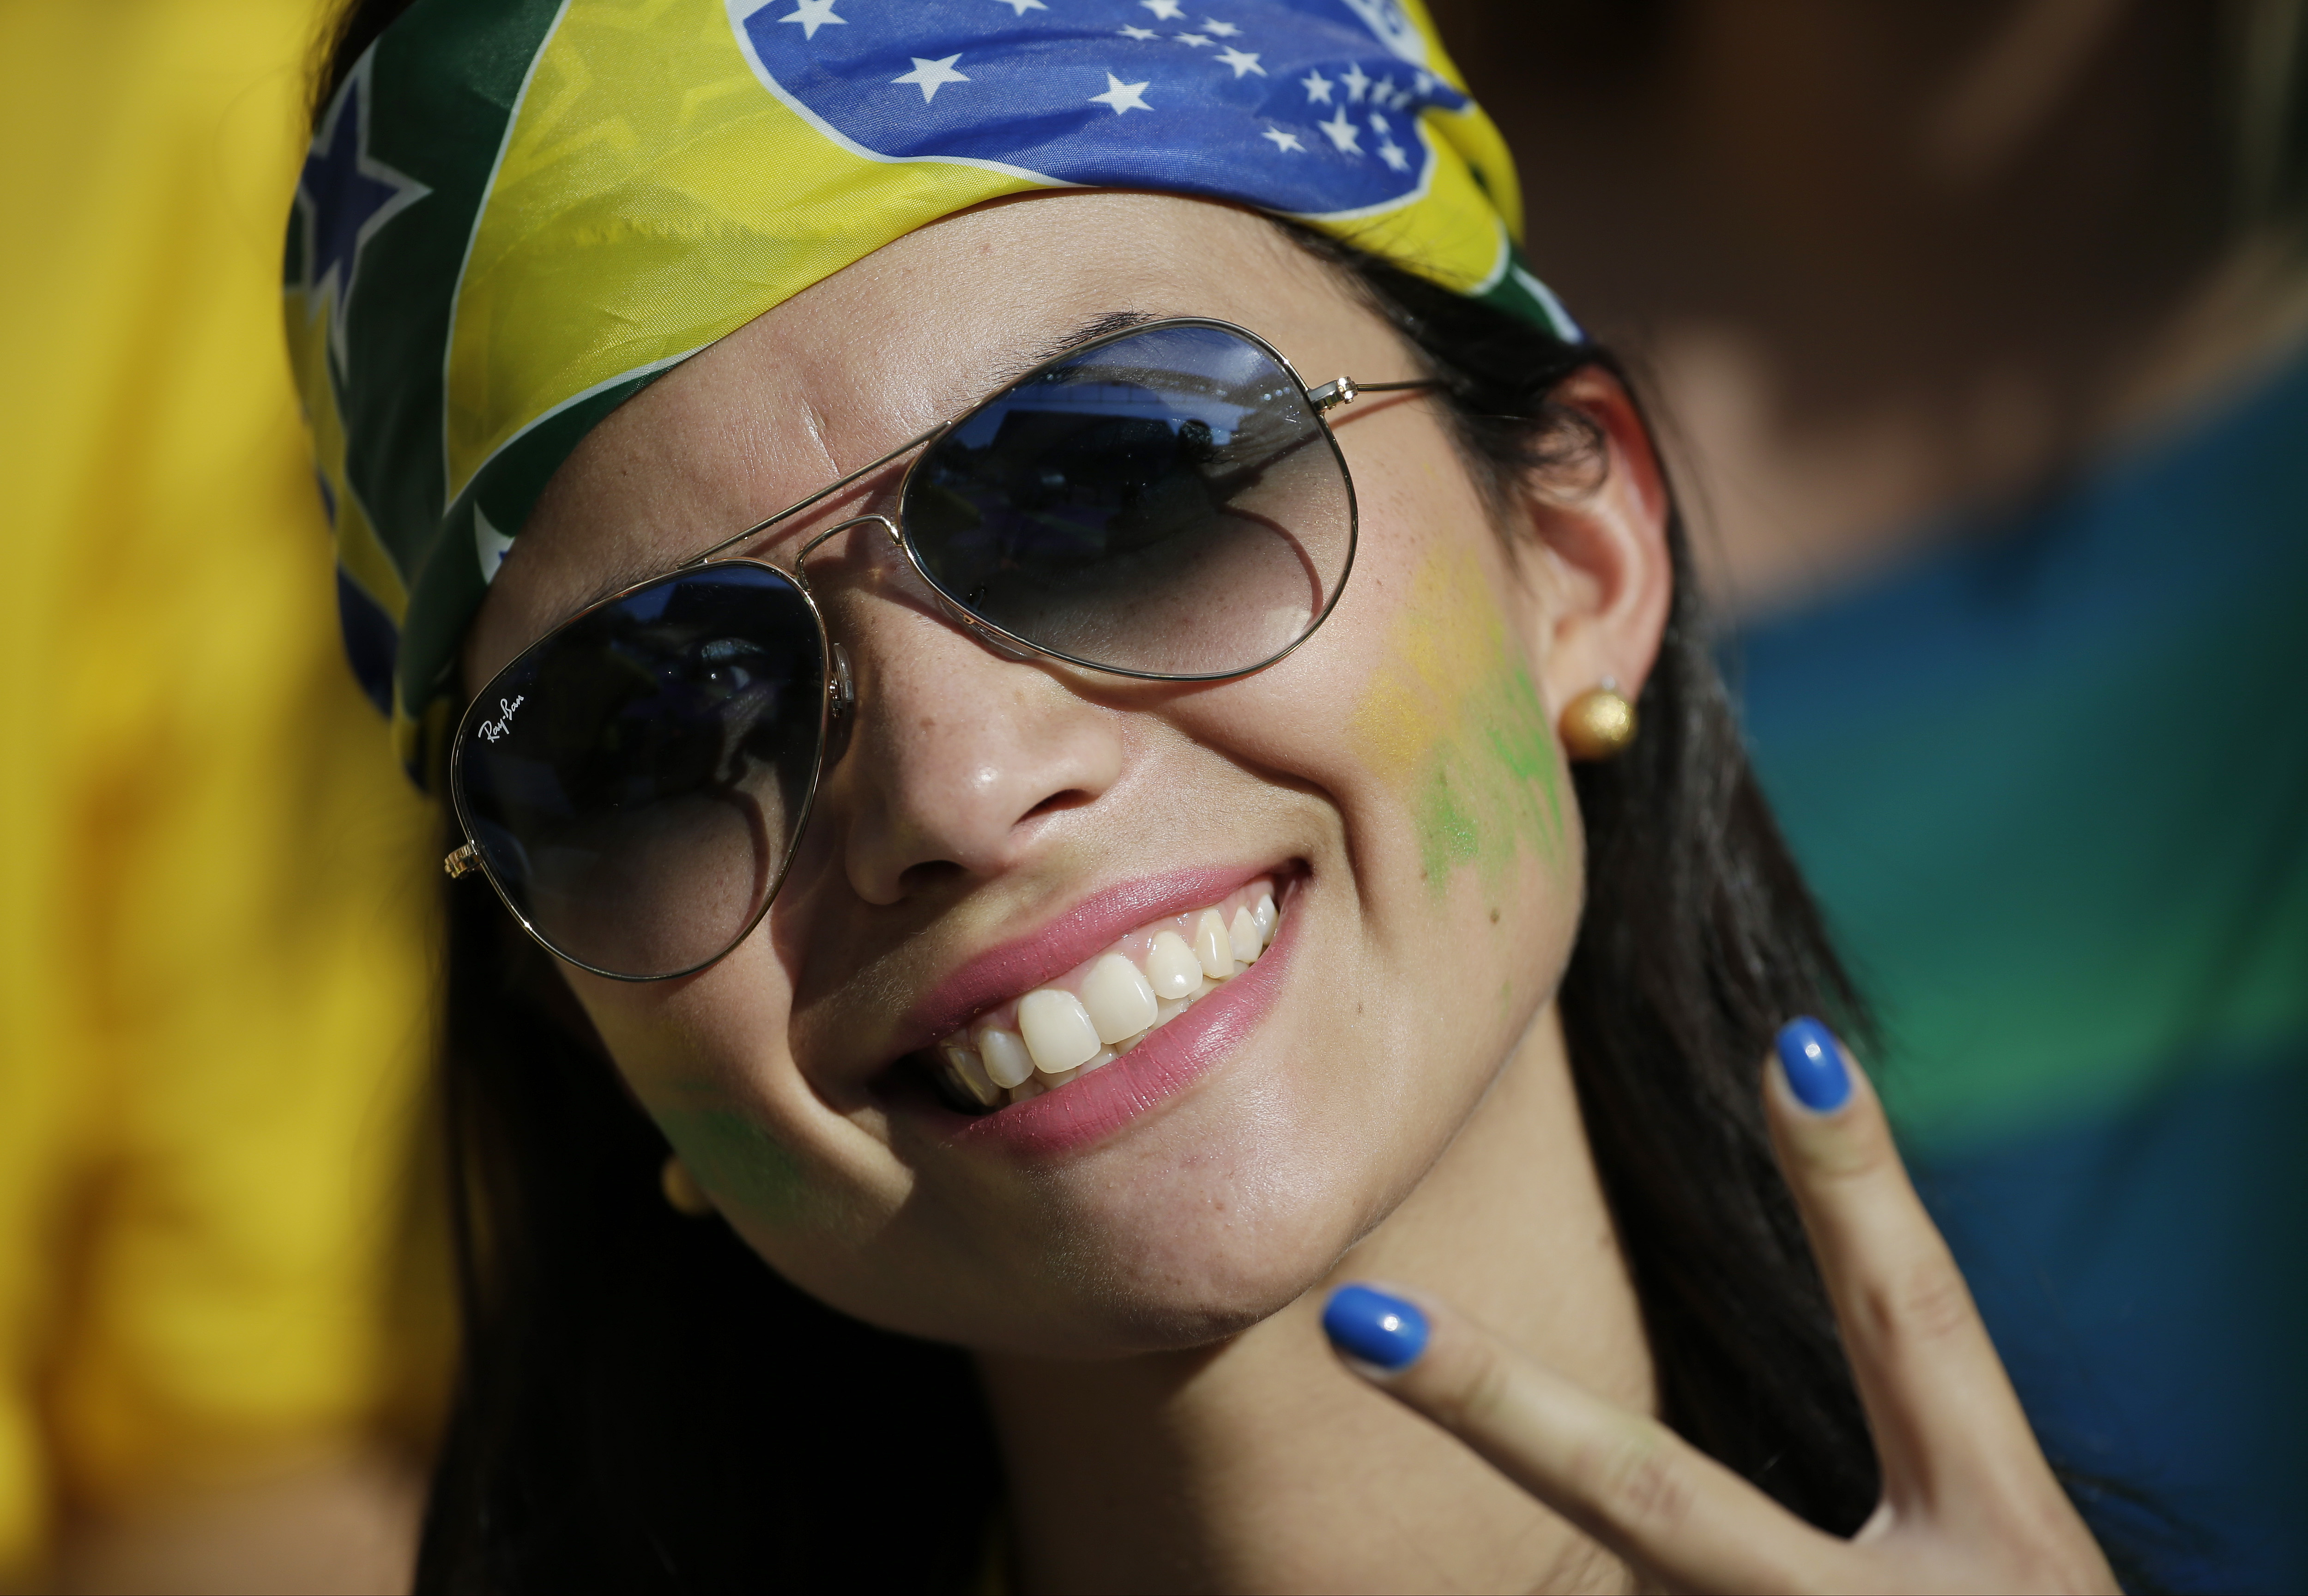 Bellas Brasileñas en el Mundial - 4998x3456